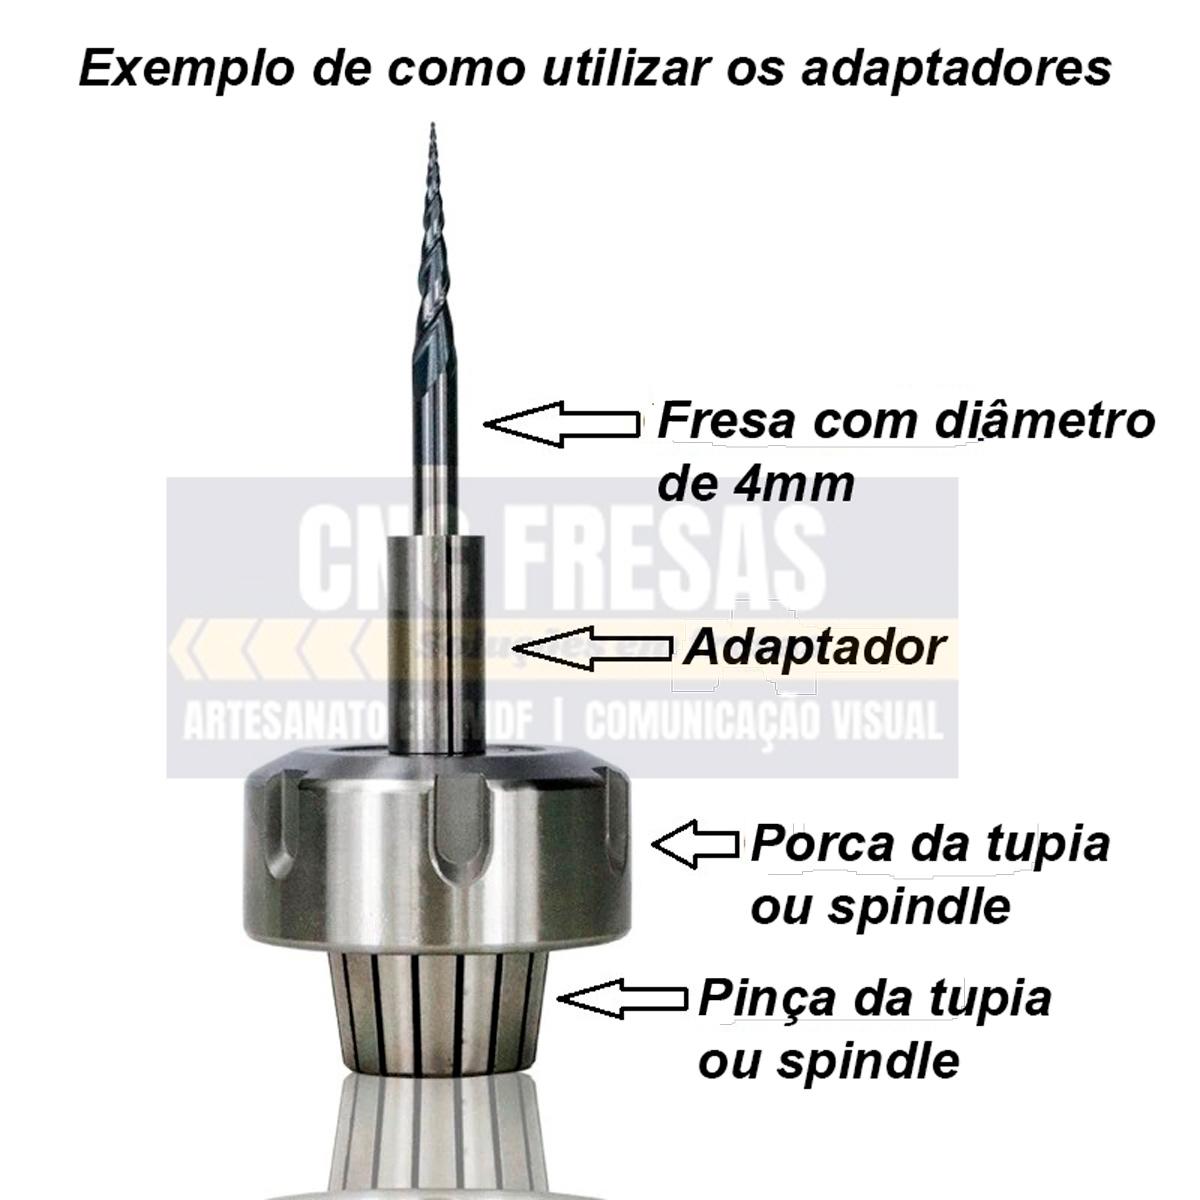 Adaptador Tupia Cnc Retífica Spindle, 1/4 P/ 1/8 Router Cnc